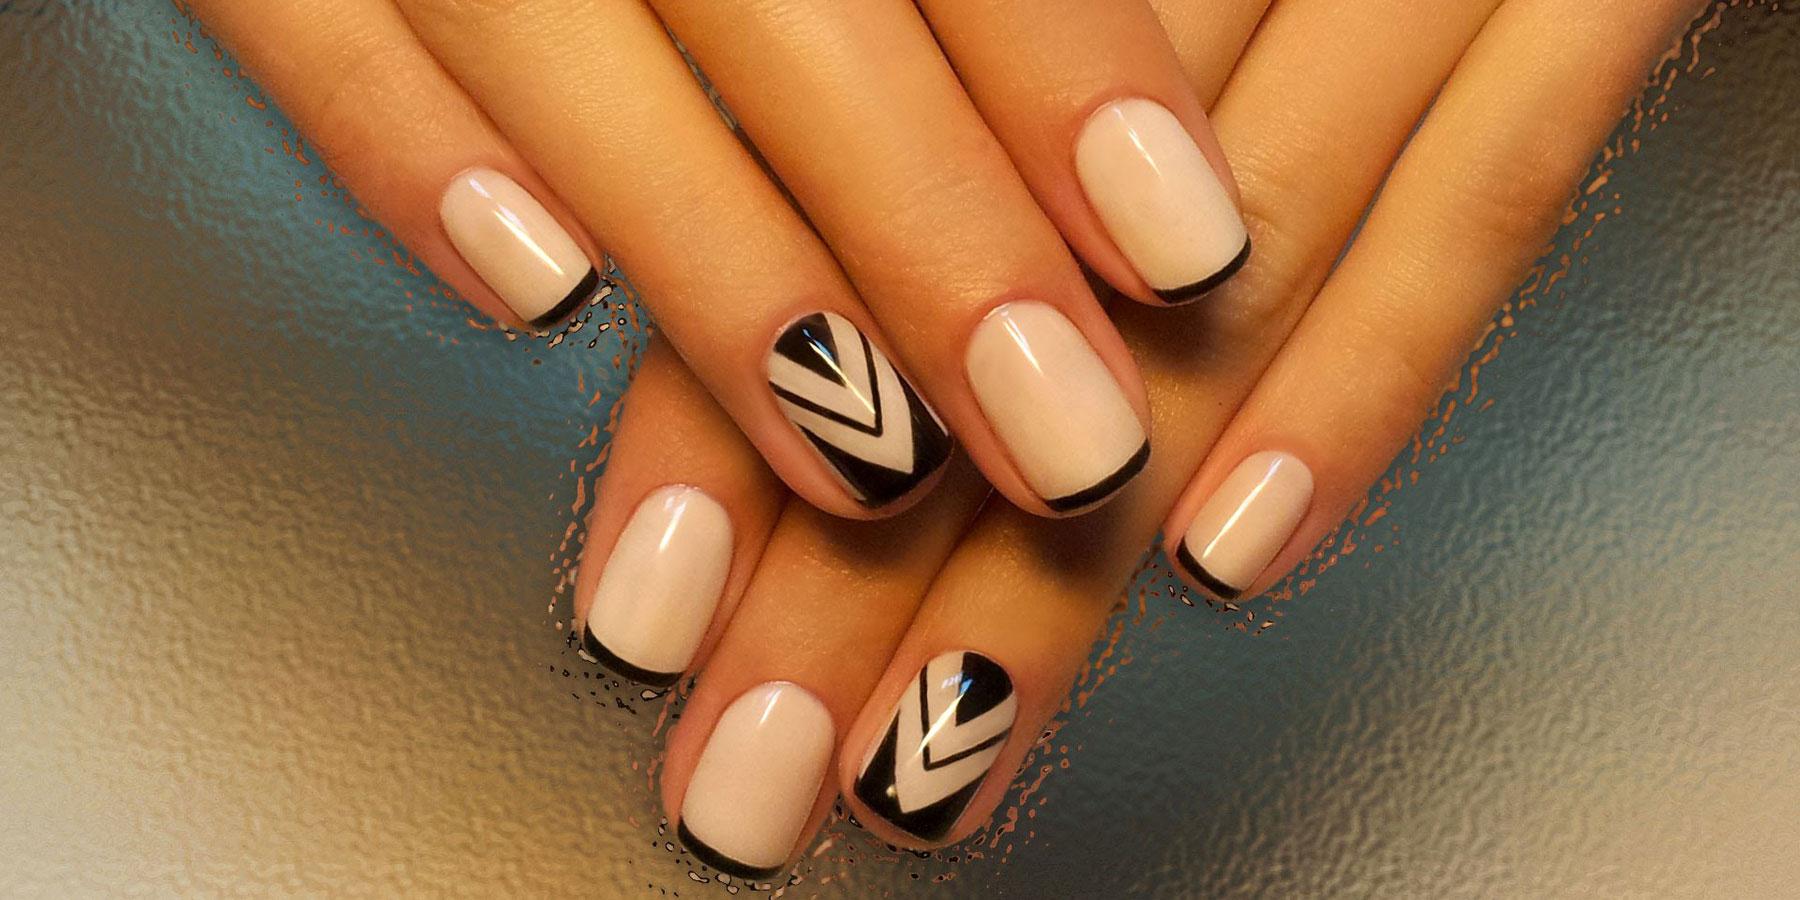 Укрепление ногтей: боремся за красивые здоровые ногти